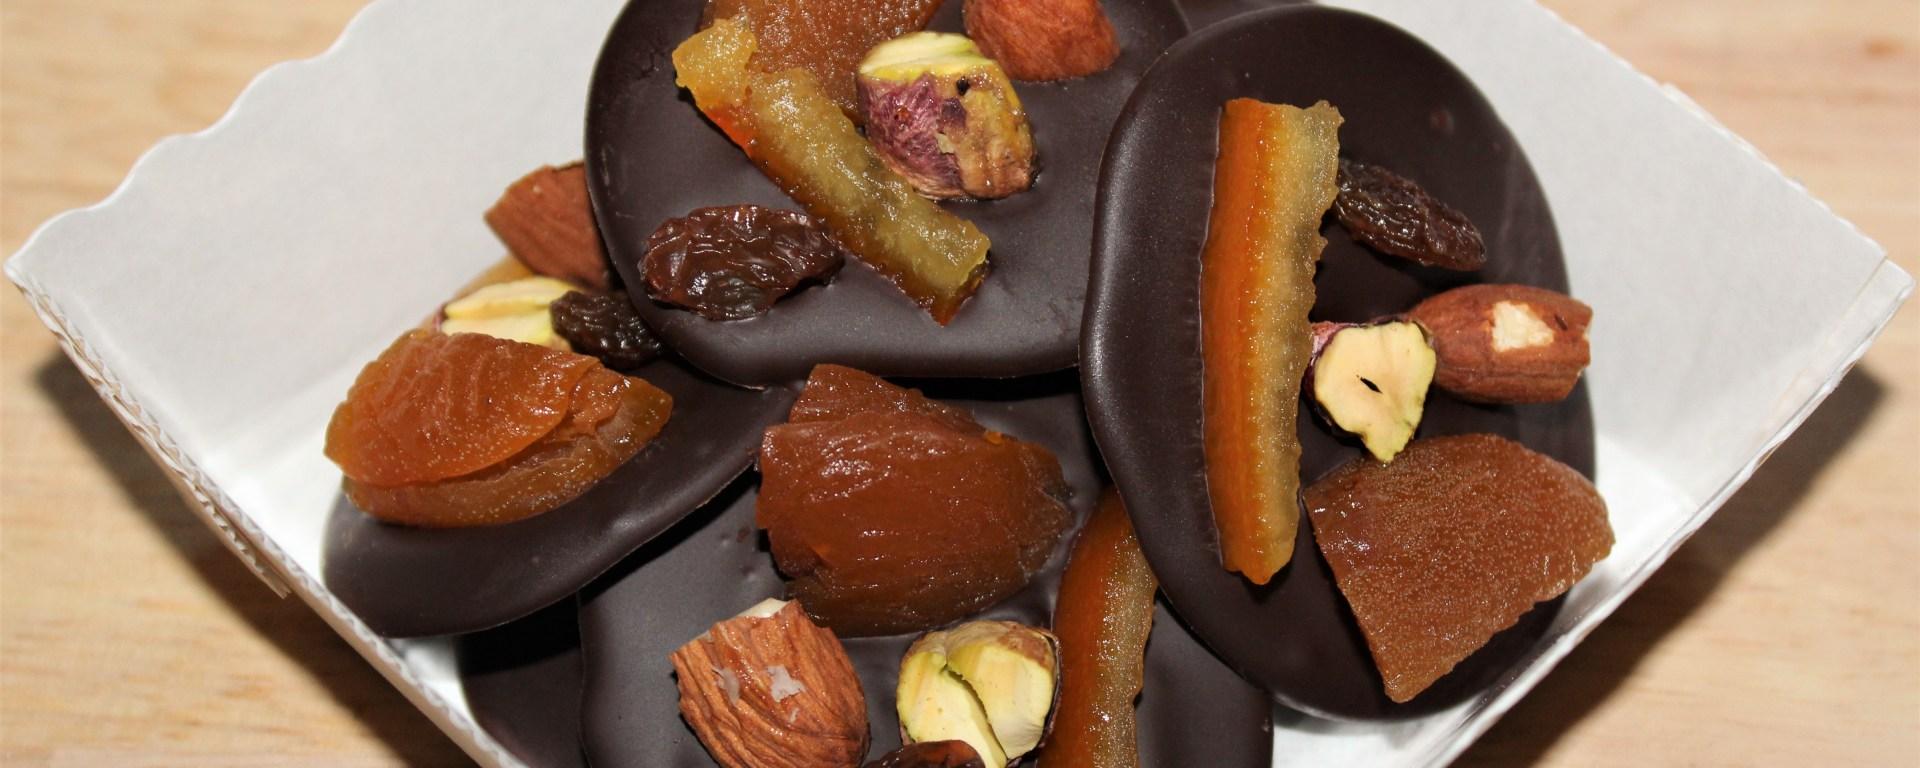 Délicimô ! - Mendiant au Chocolat : Abricot, Amande, Orange, Pistache, Raisin - www.delicimo.fr